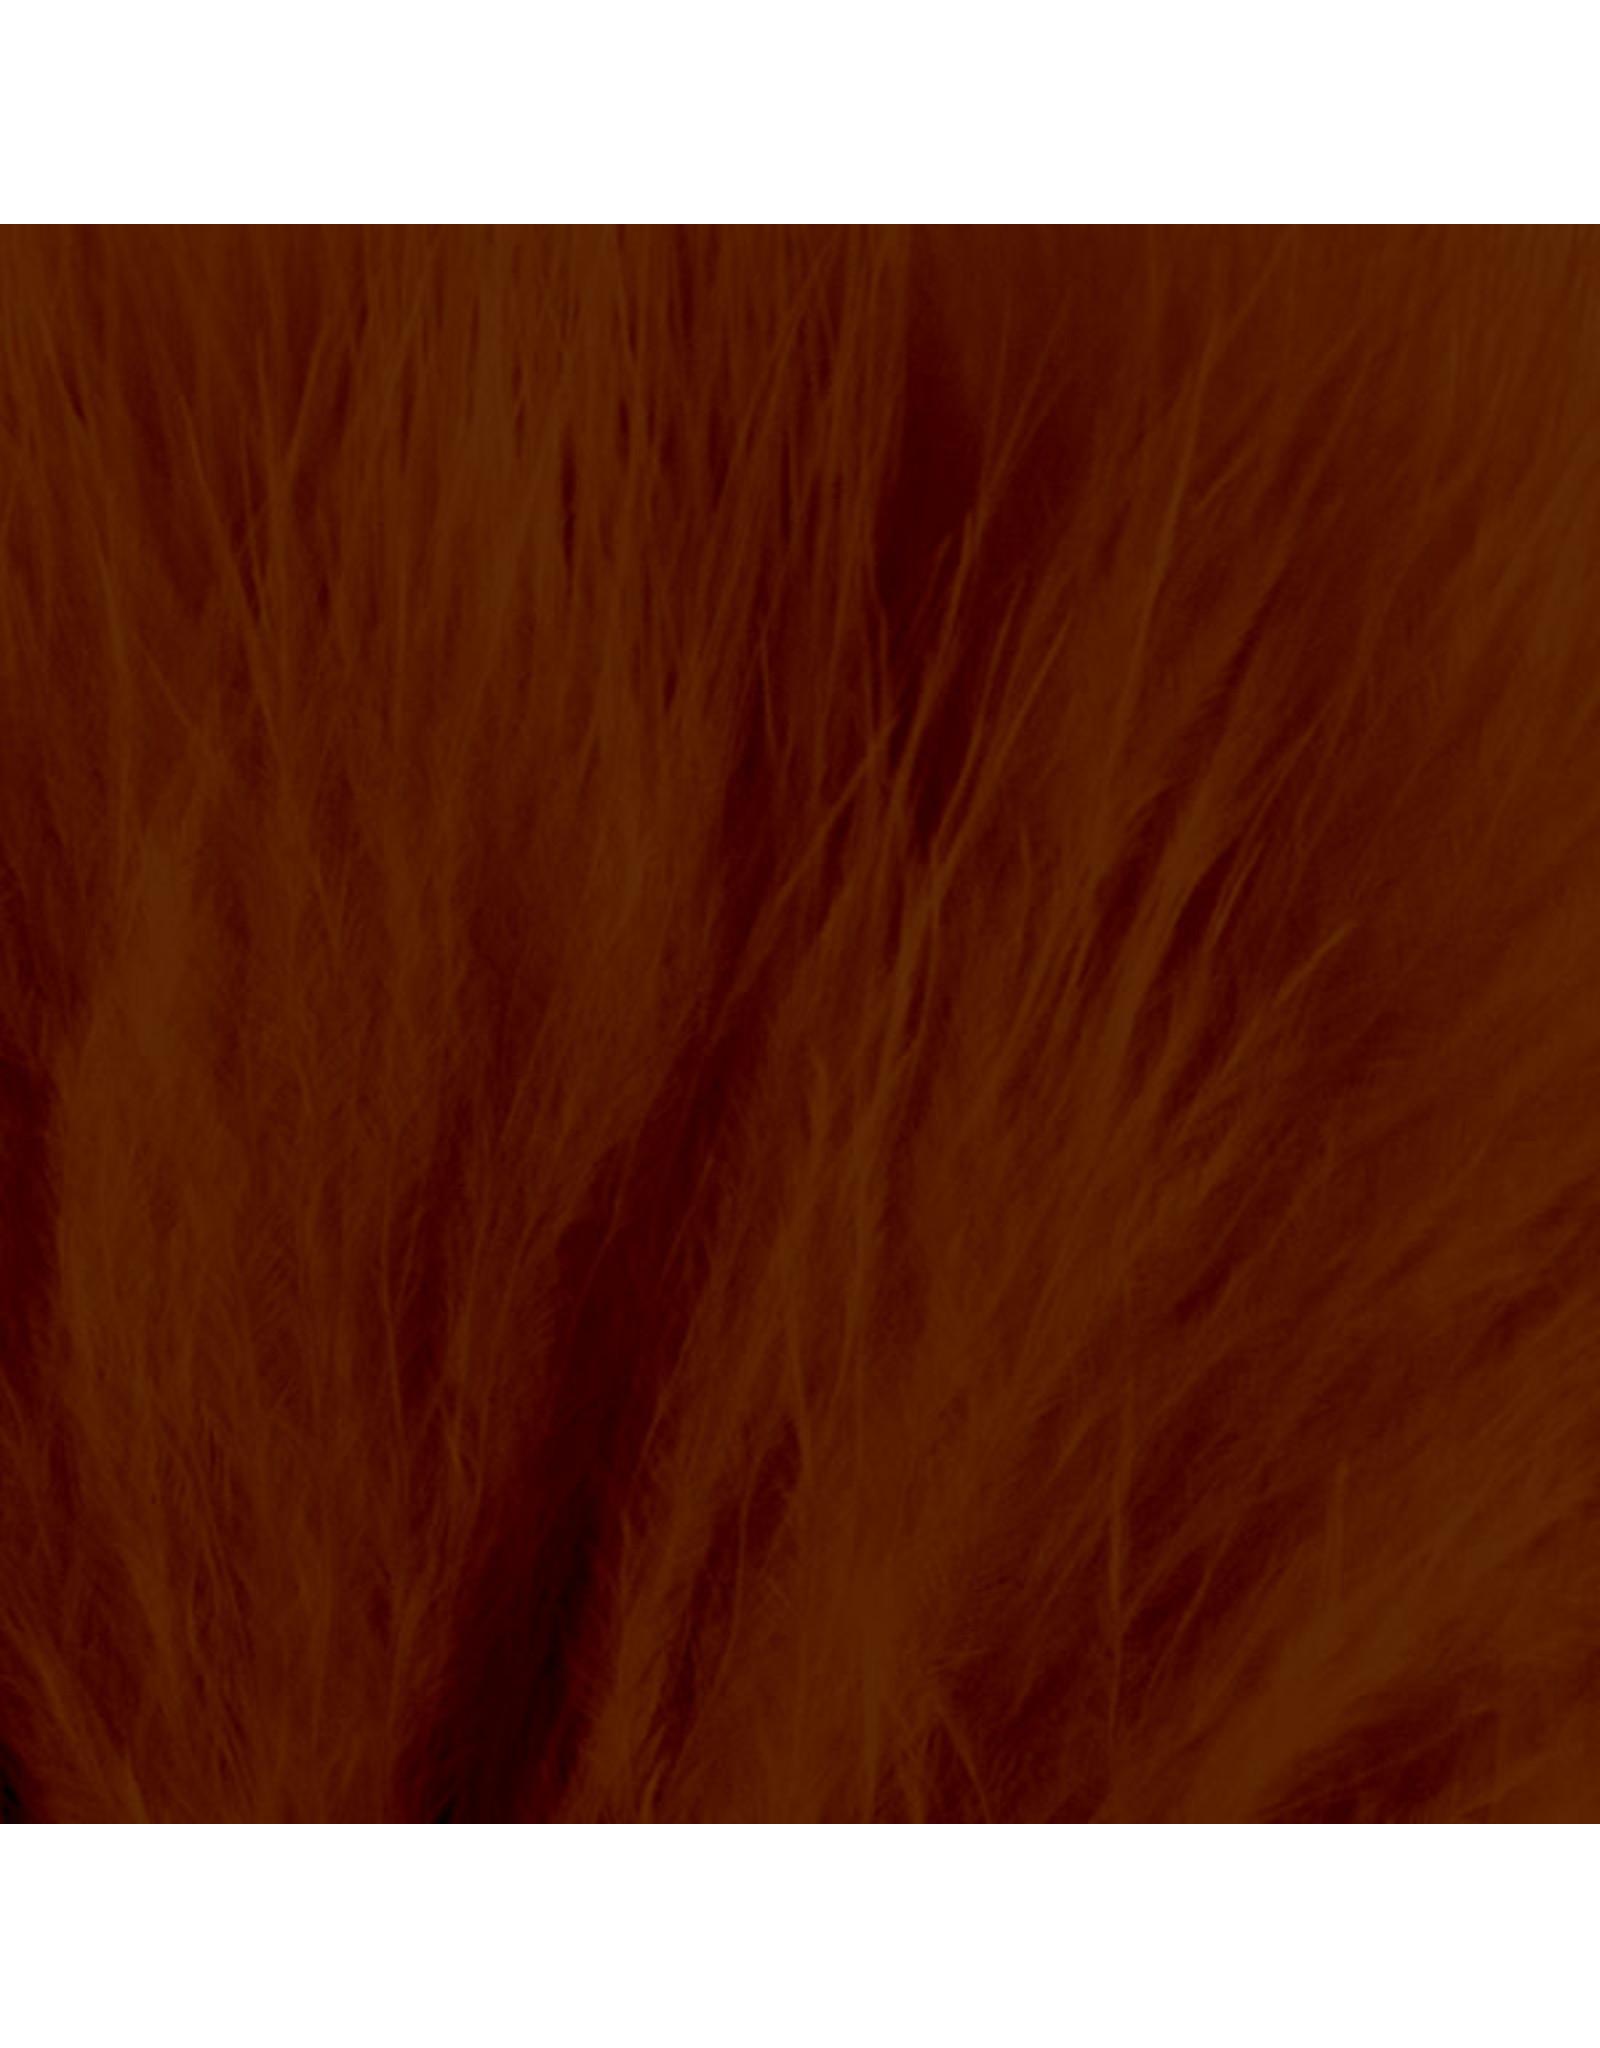 SHOR SHOR Marabou 1/4oz - Rusty Brown